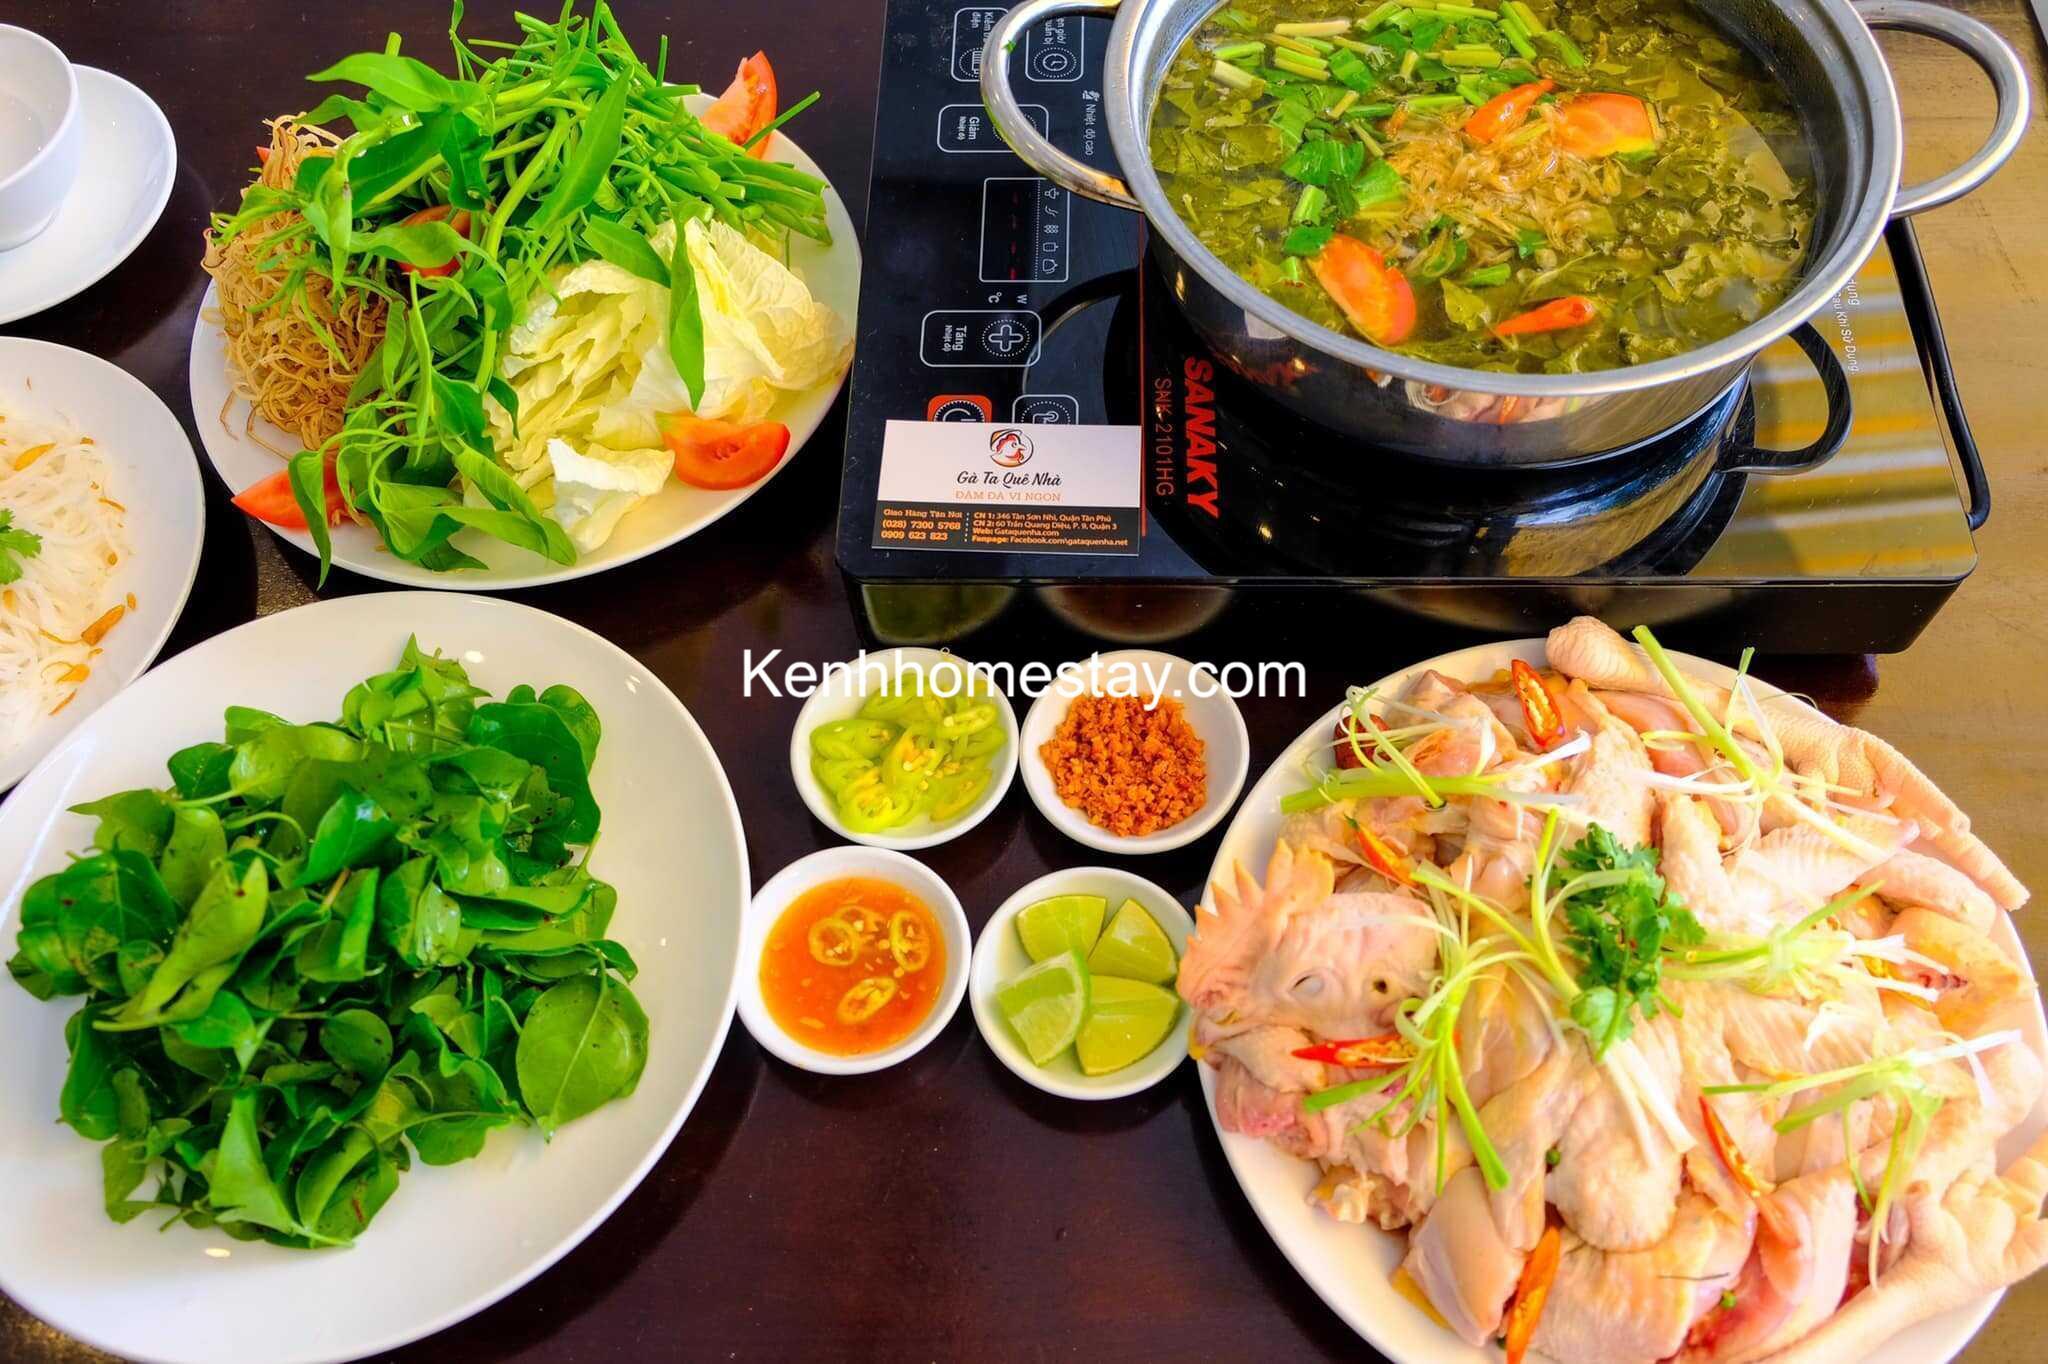 Top 15 Quán lẩu gà tiềm ớt hiểm ngon ở Sài Gòn TPHCM đông khách nhất